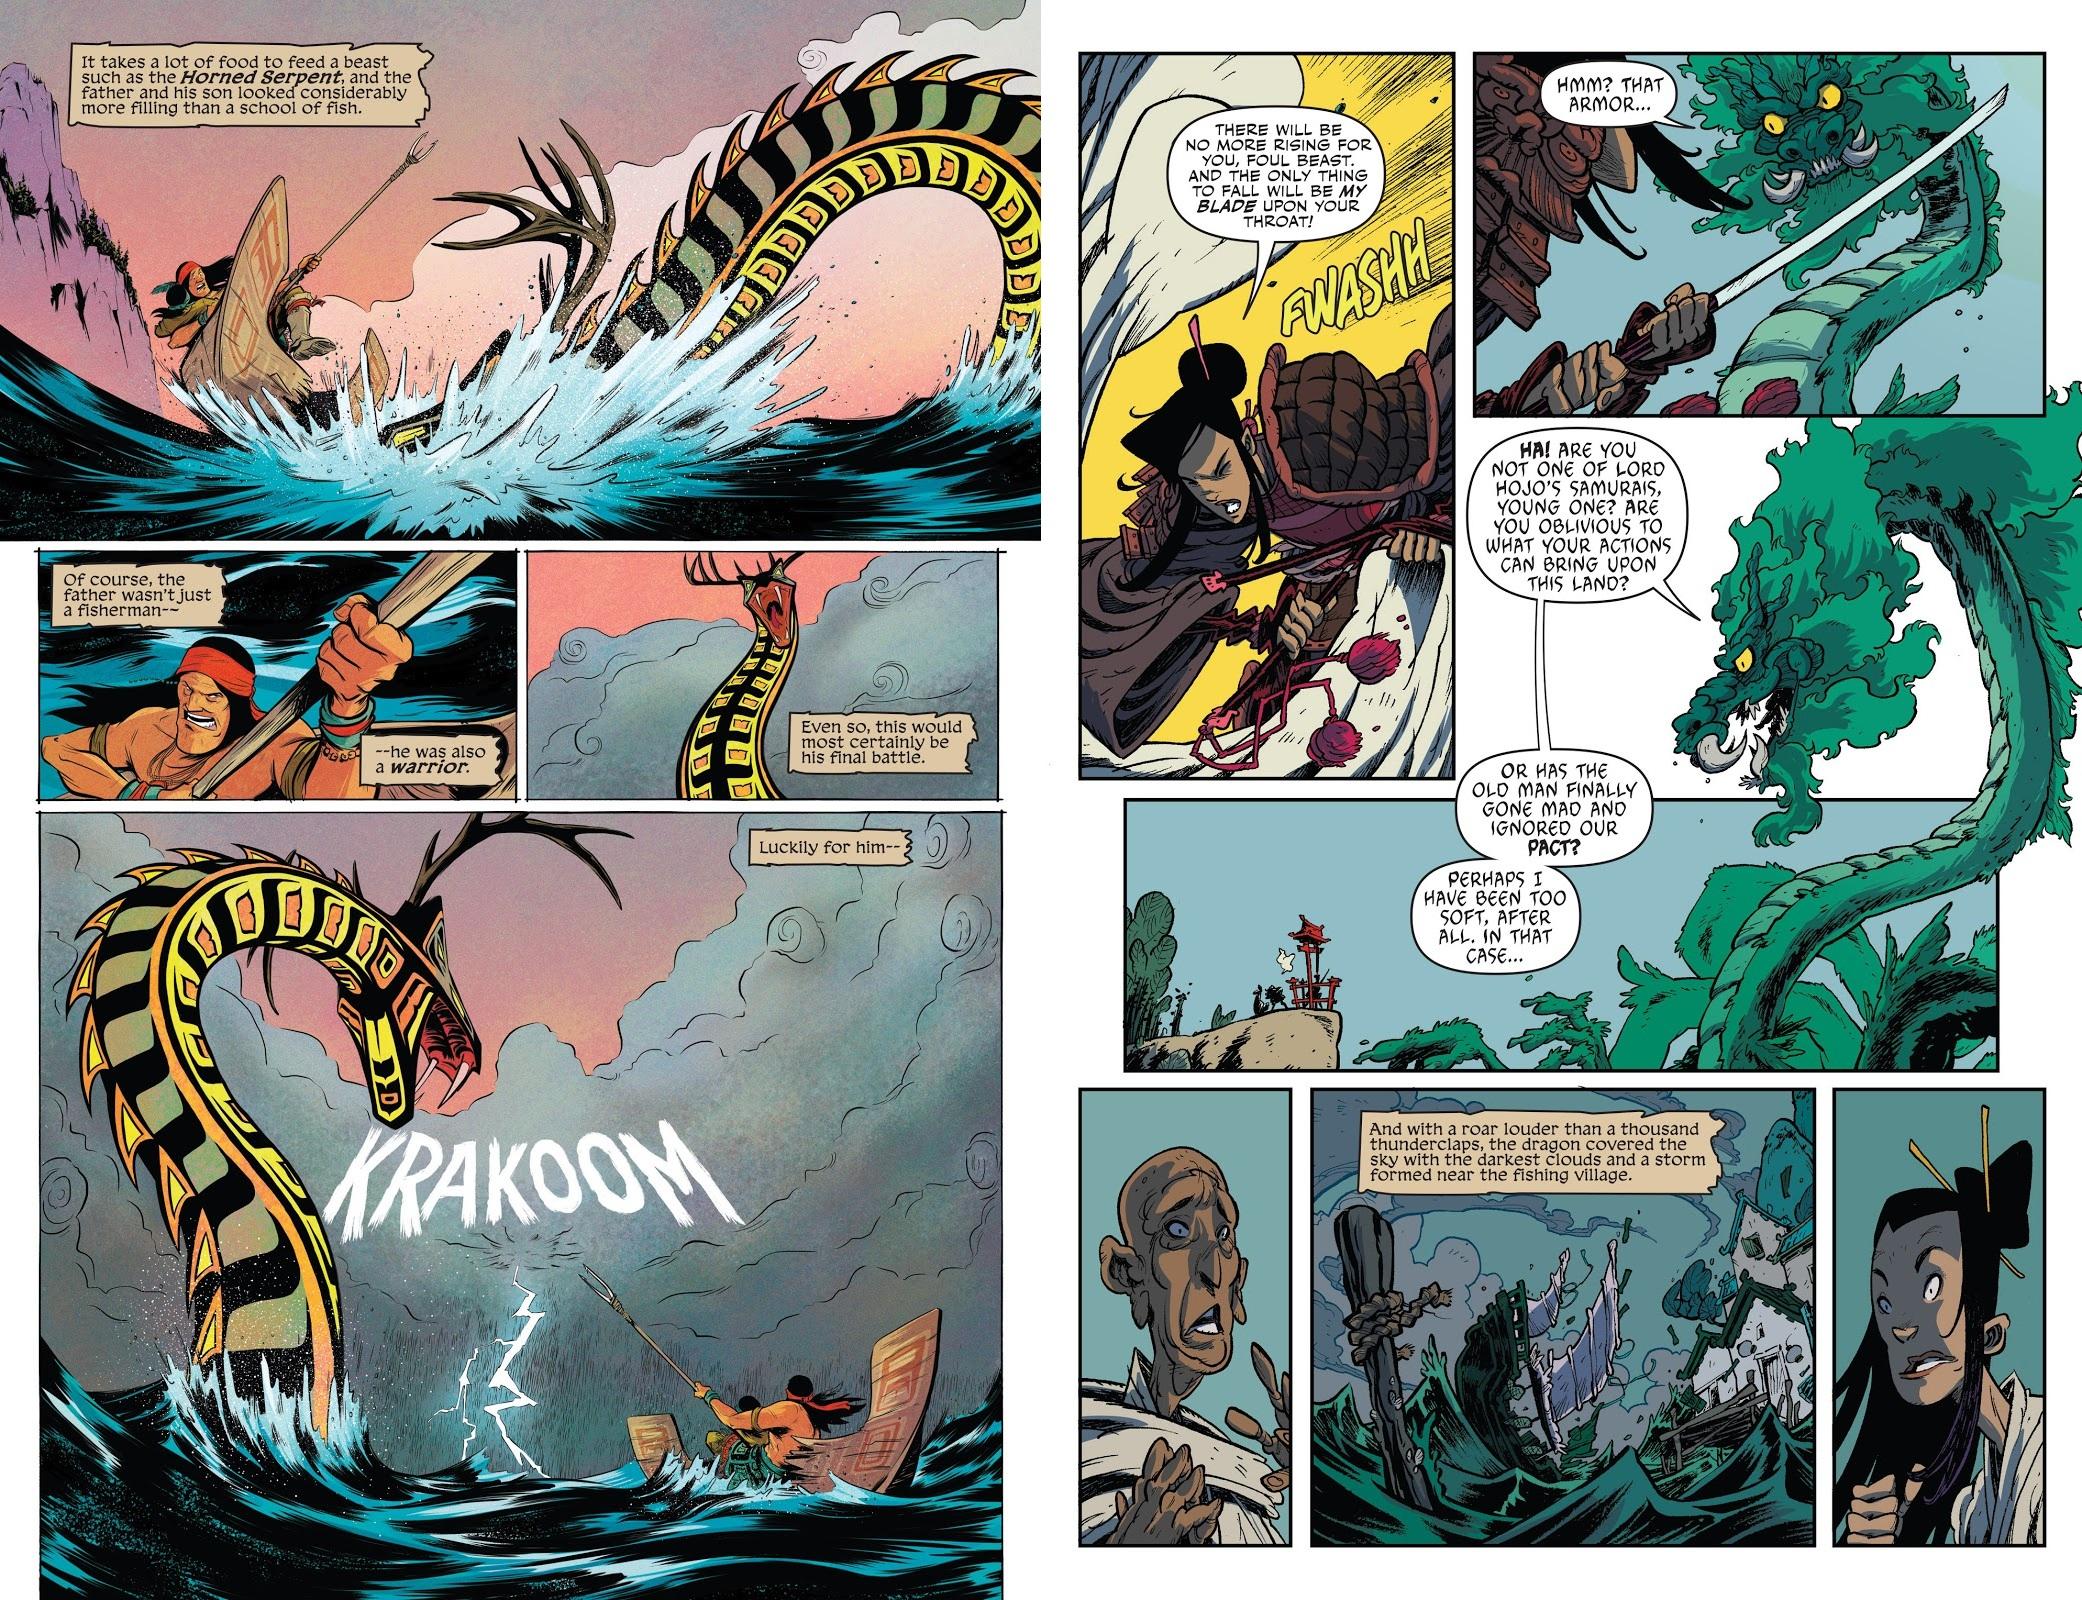 Jim Henson's The Storyteller Dragons review